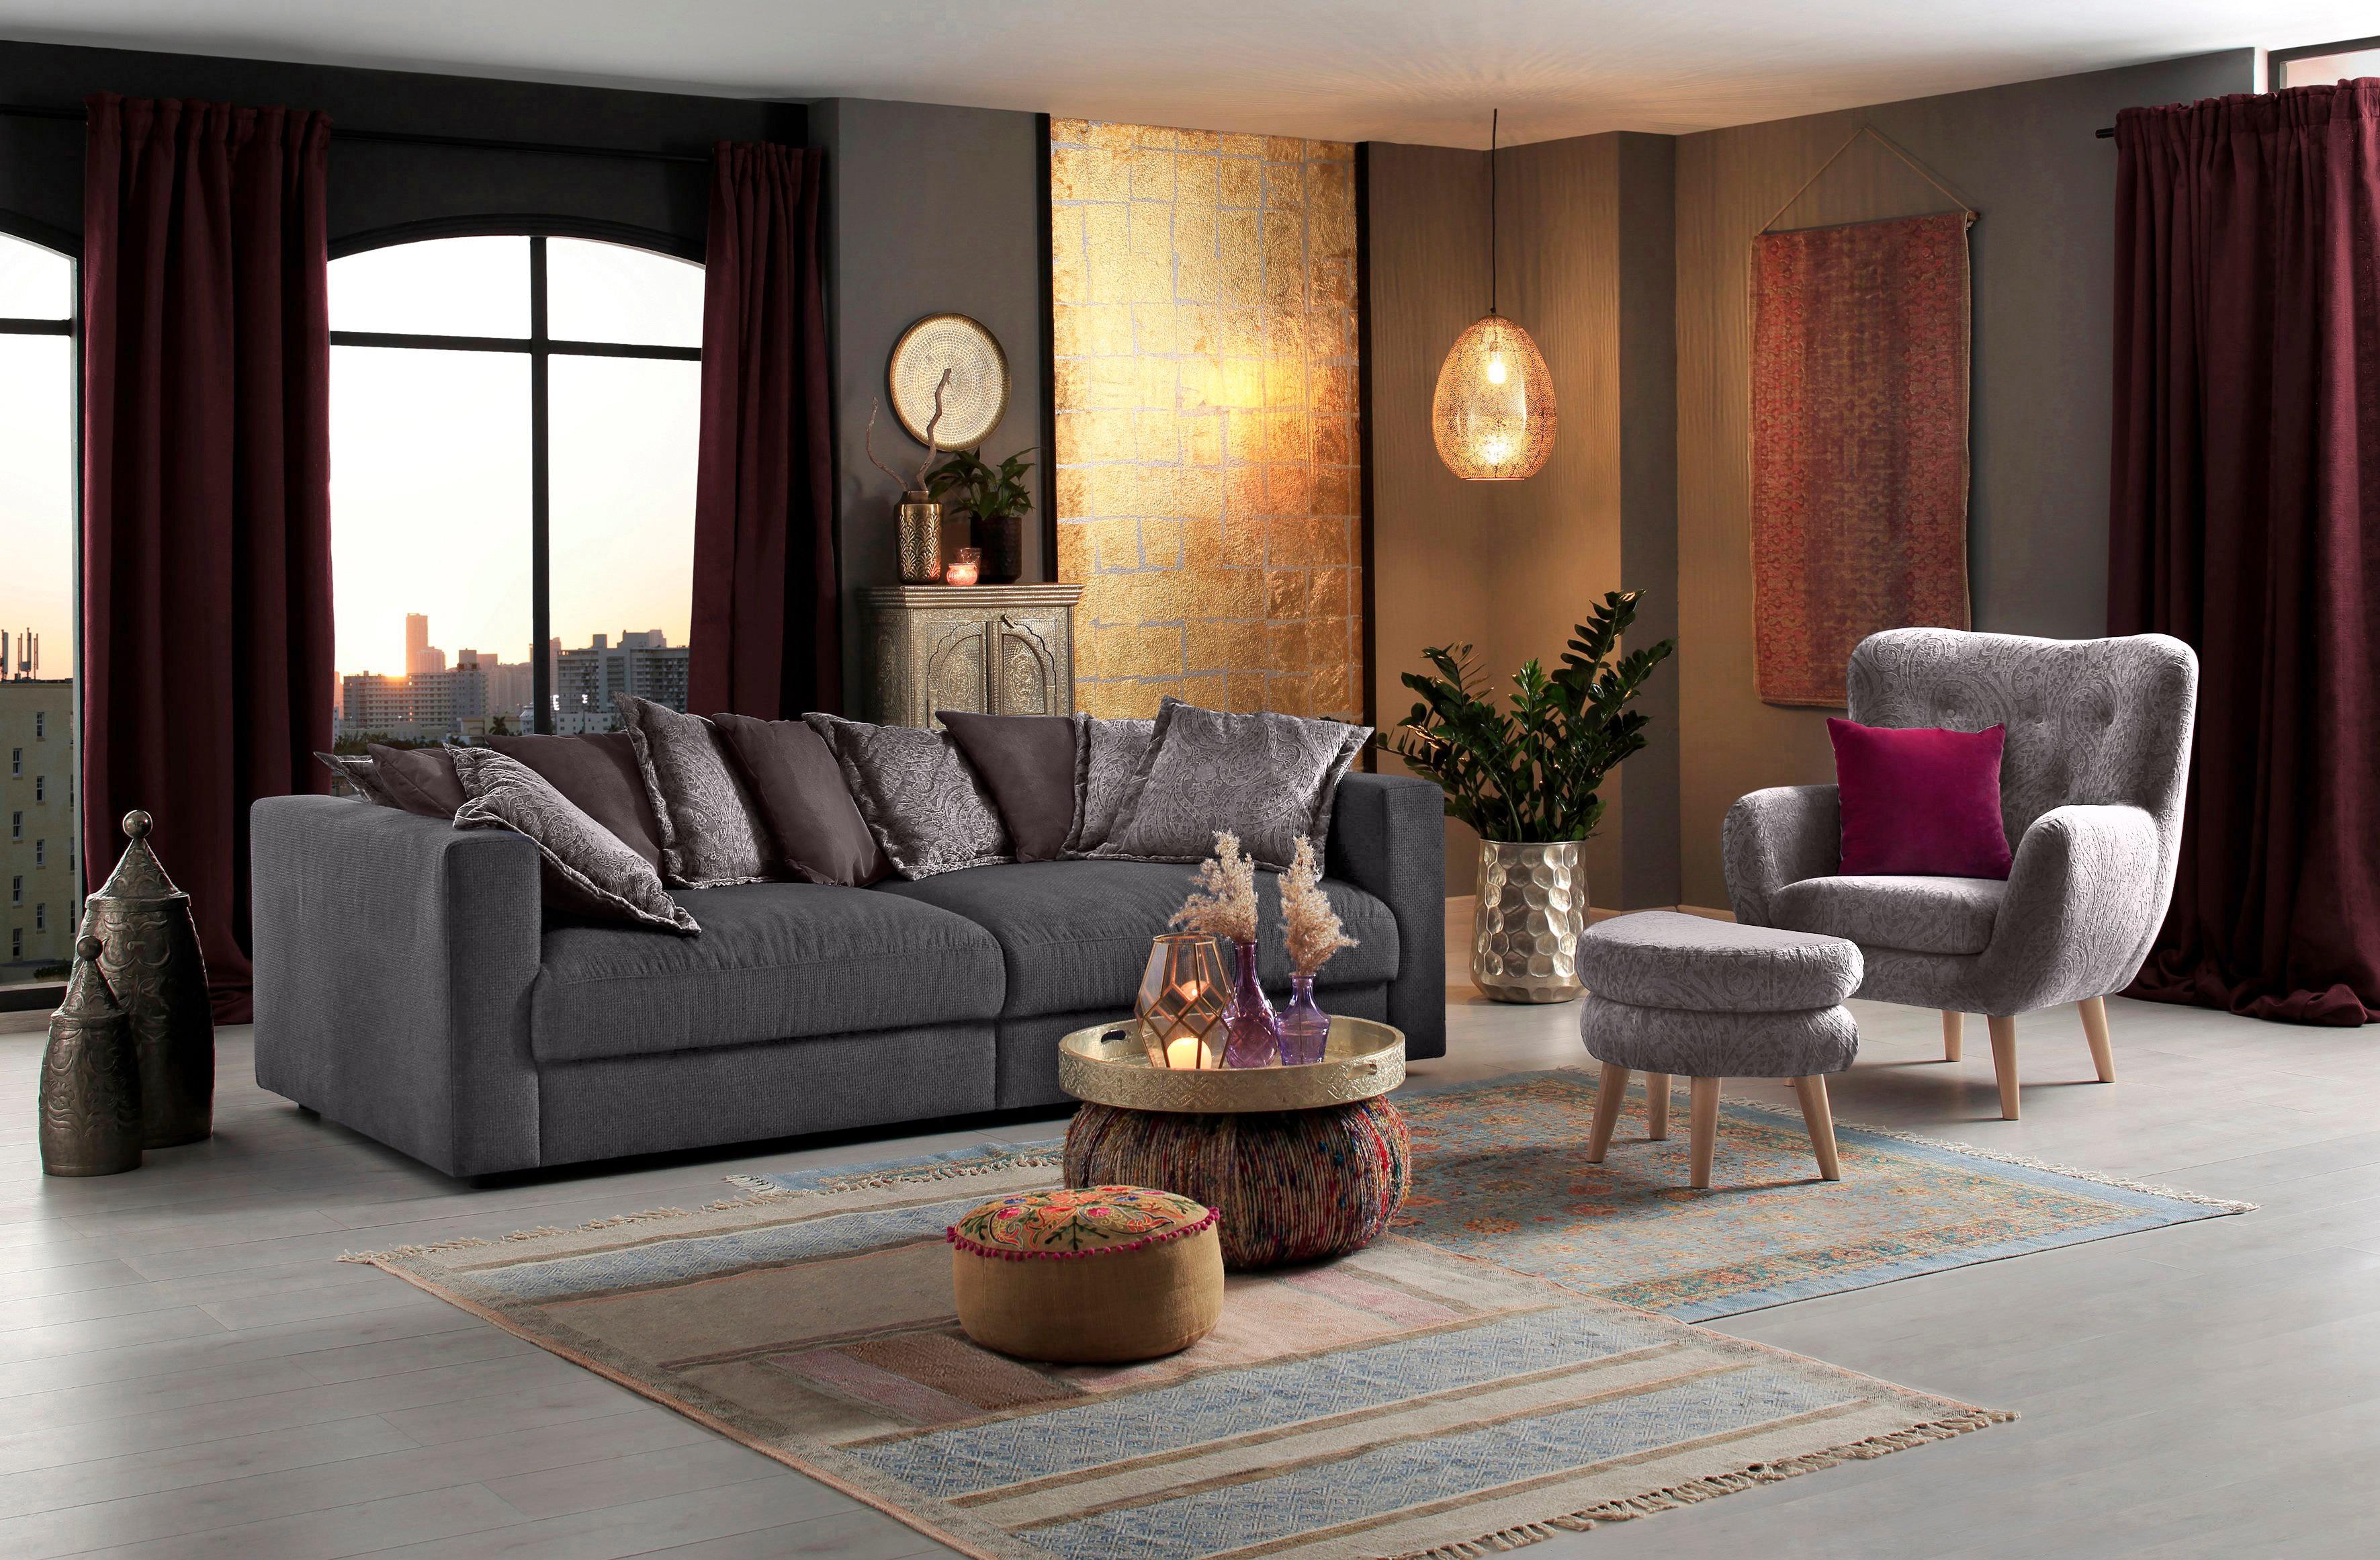 Home affaire Big-Sofa Hartland